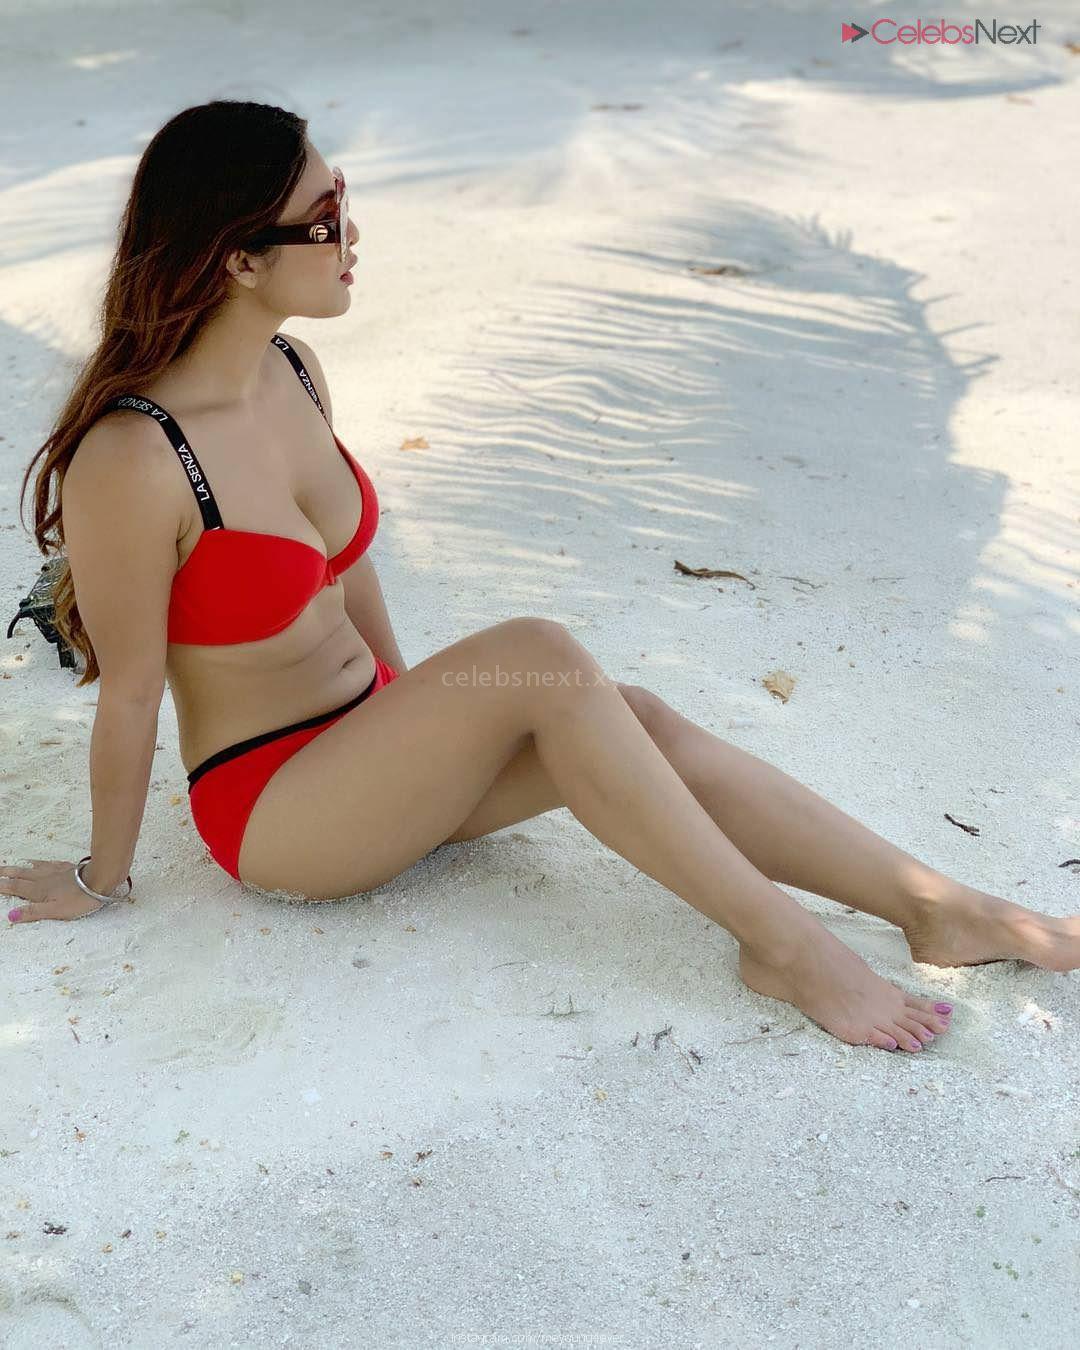 Neha Malik Sizzling Pics in Red Bikini Red and Black Bikini Bollywood Actress Model in Bikini